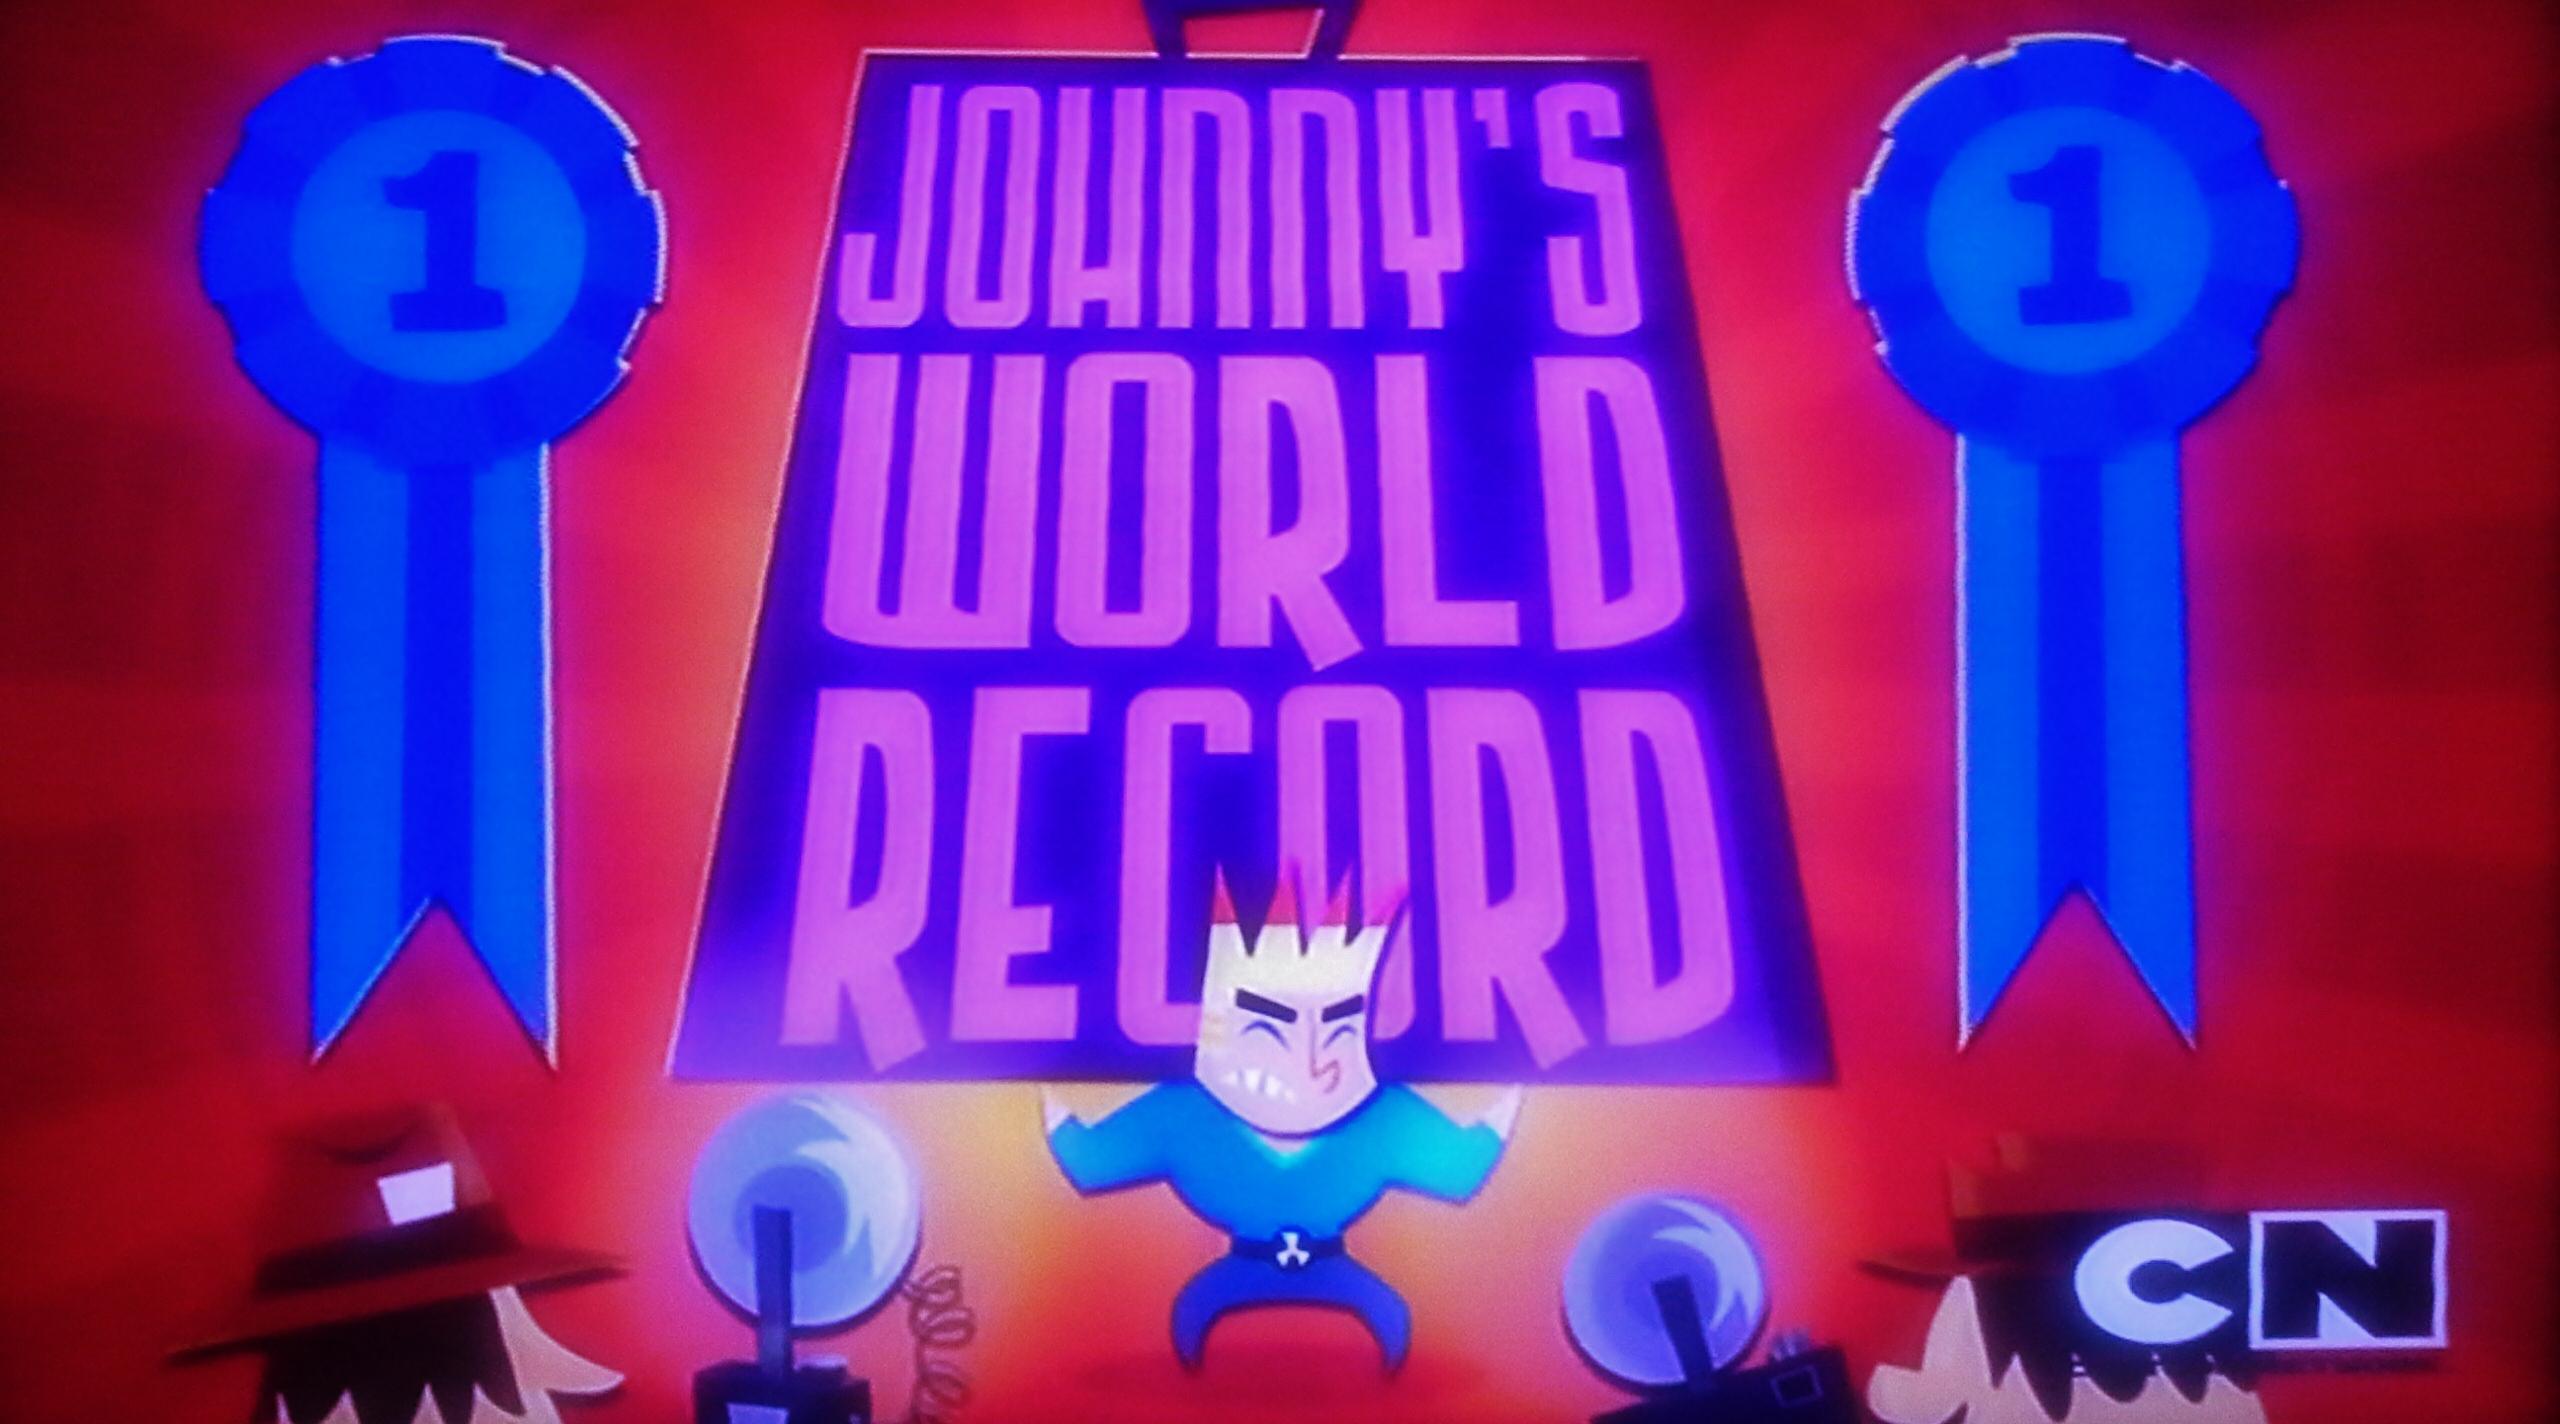 Johnny's World Record